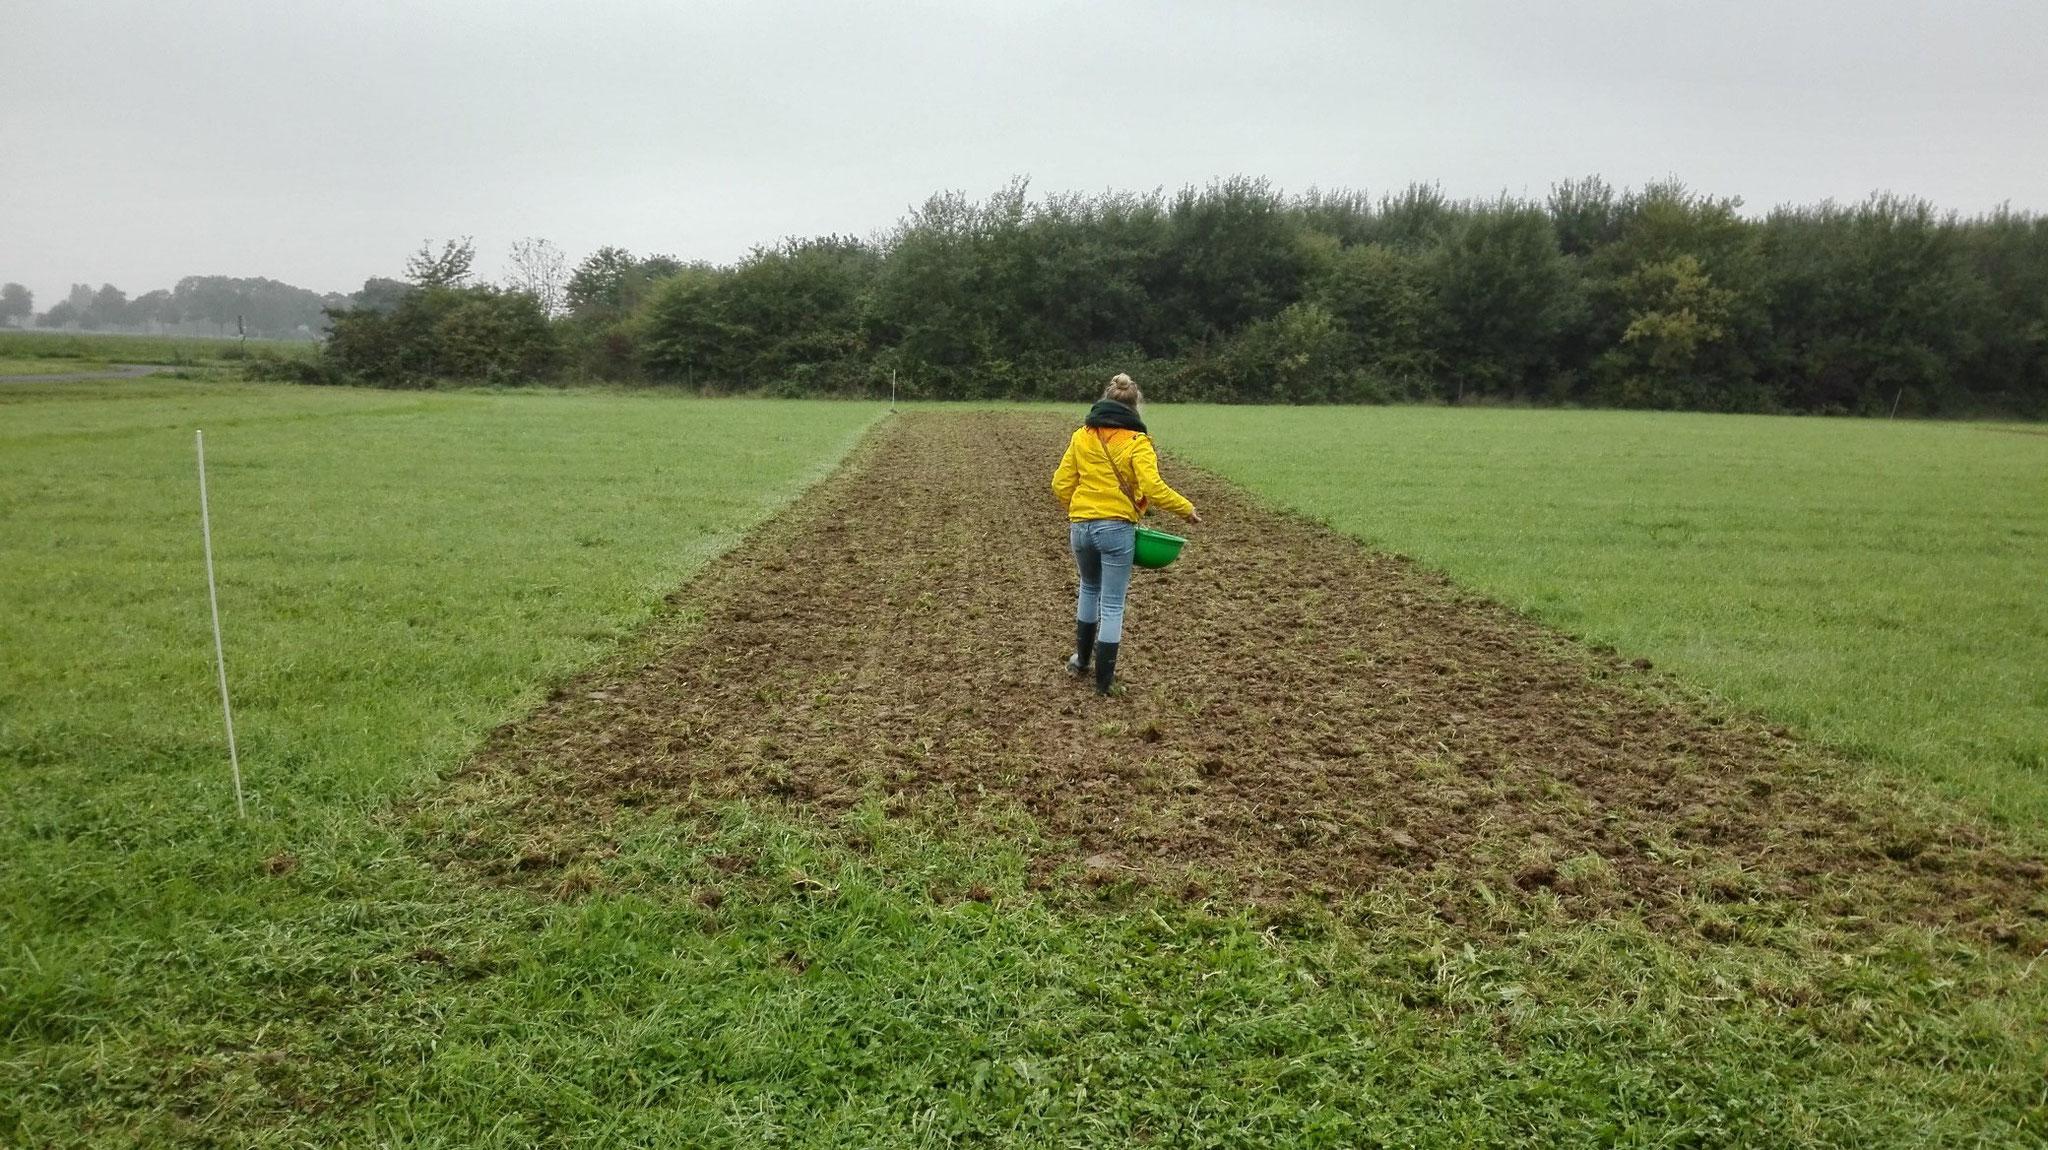 Nach der Bodenbearbeitung erfolgt eine Einsaat von Hand (Bild: K. Weddeling)